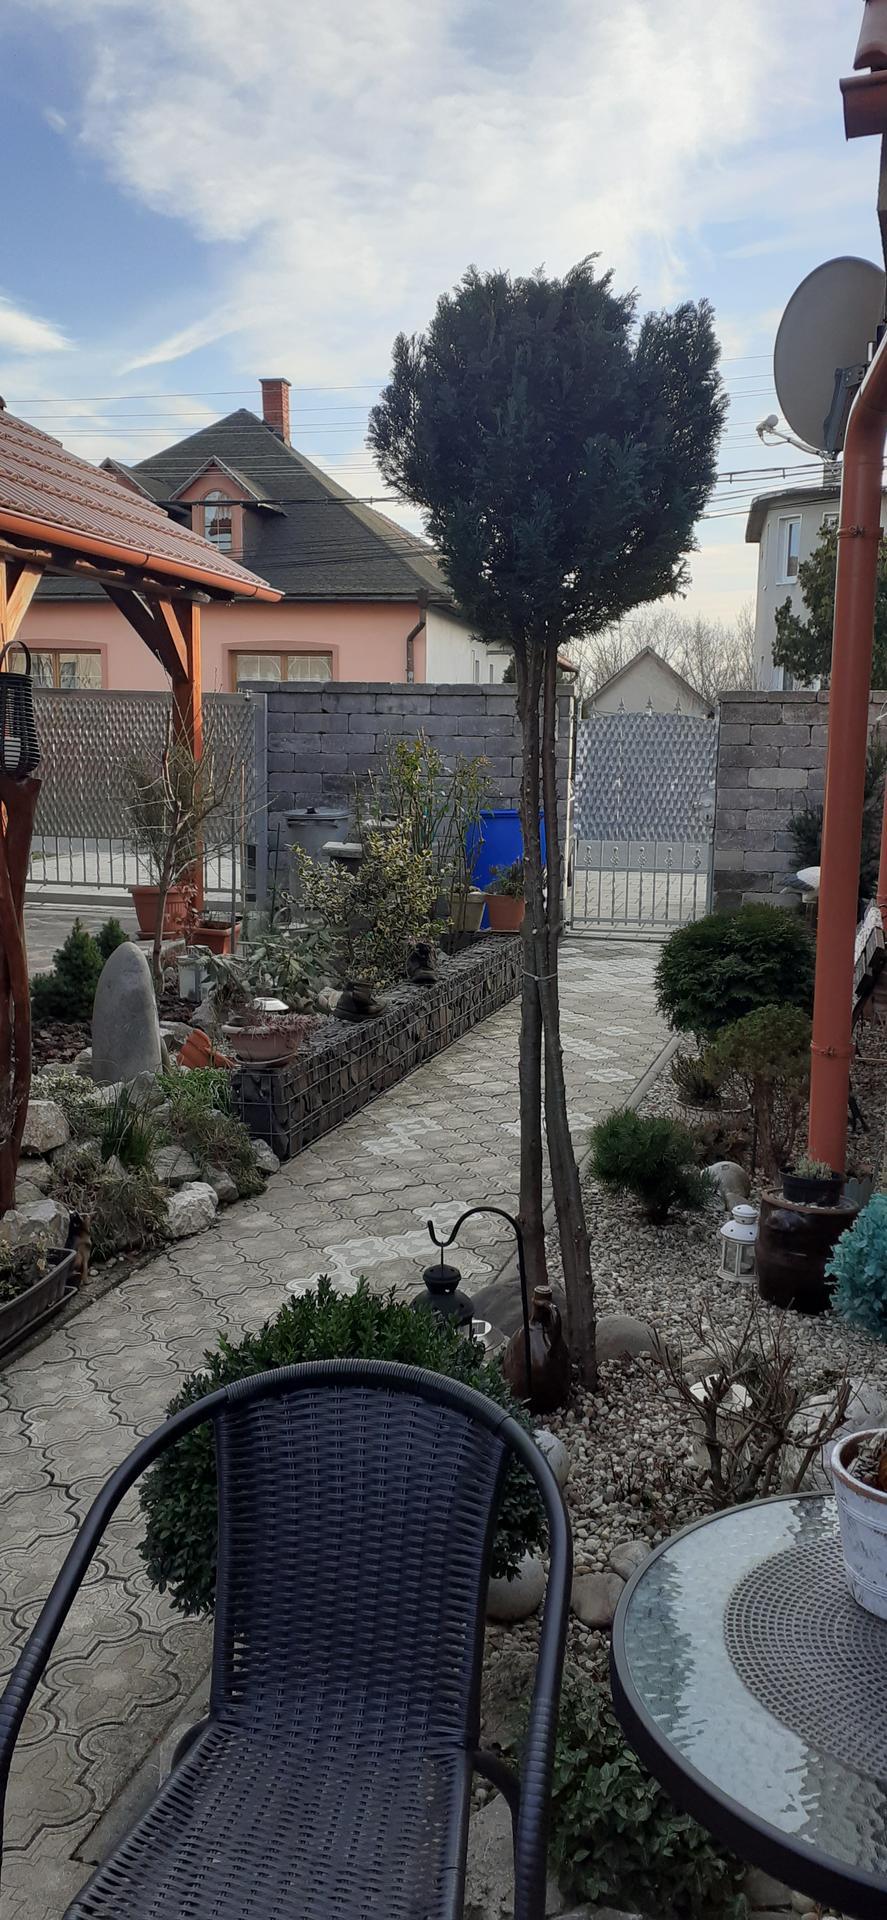 Vitajte v našej záhradke rok 2020 :) - Obrázok č. 9